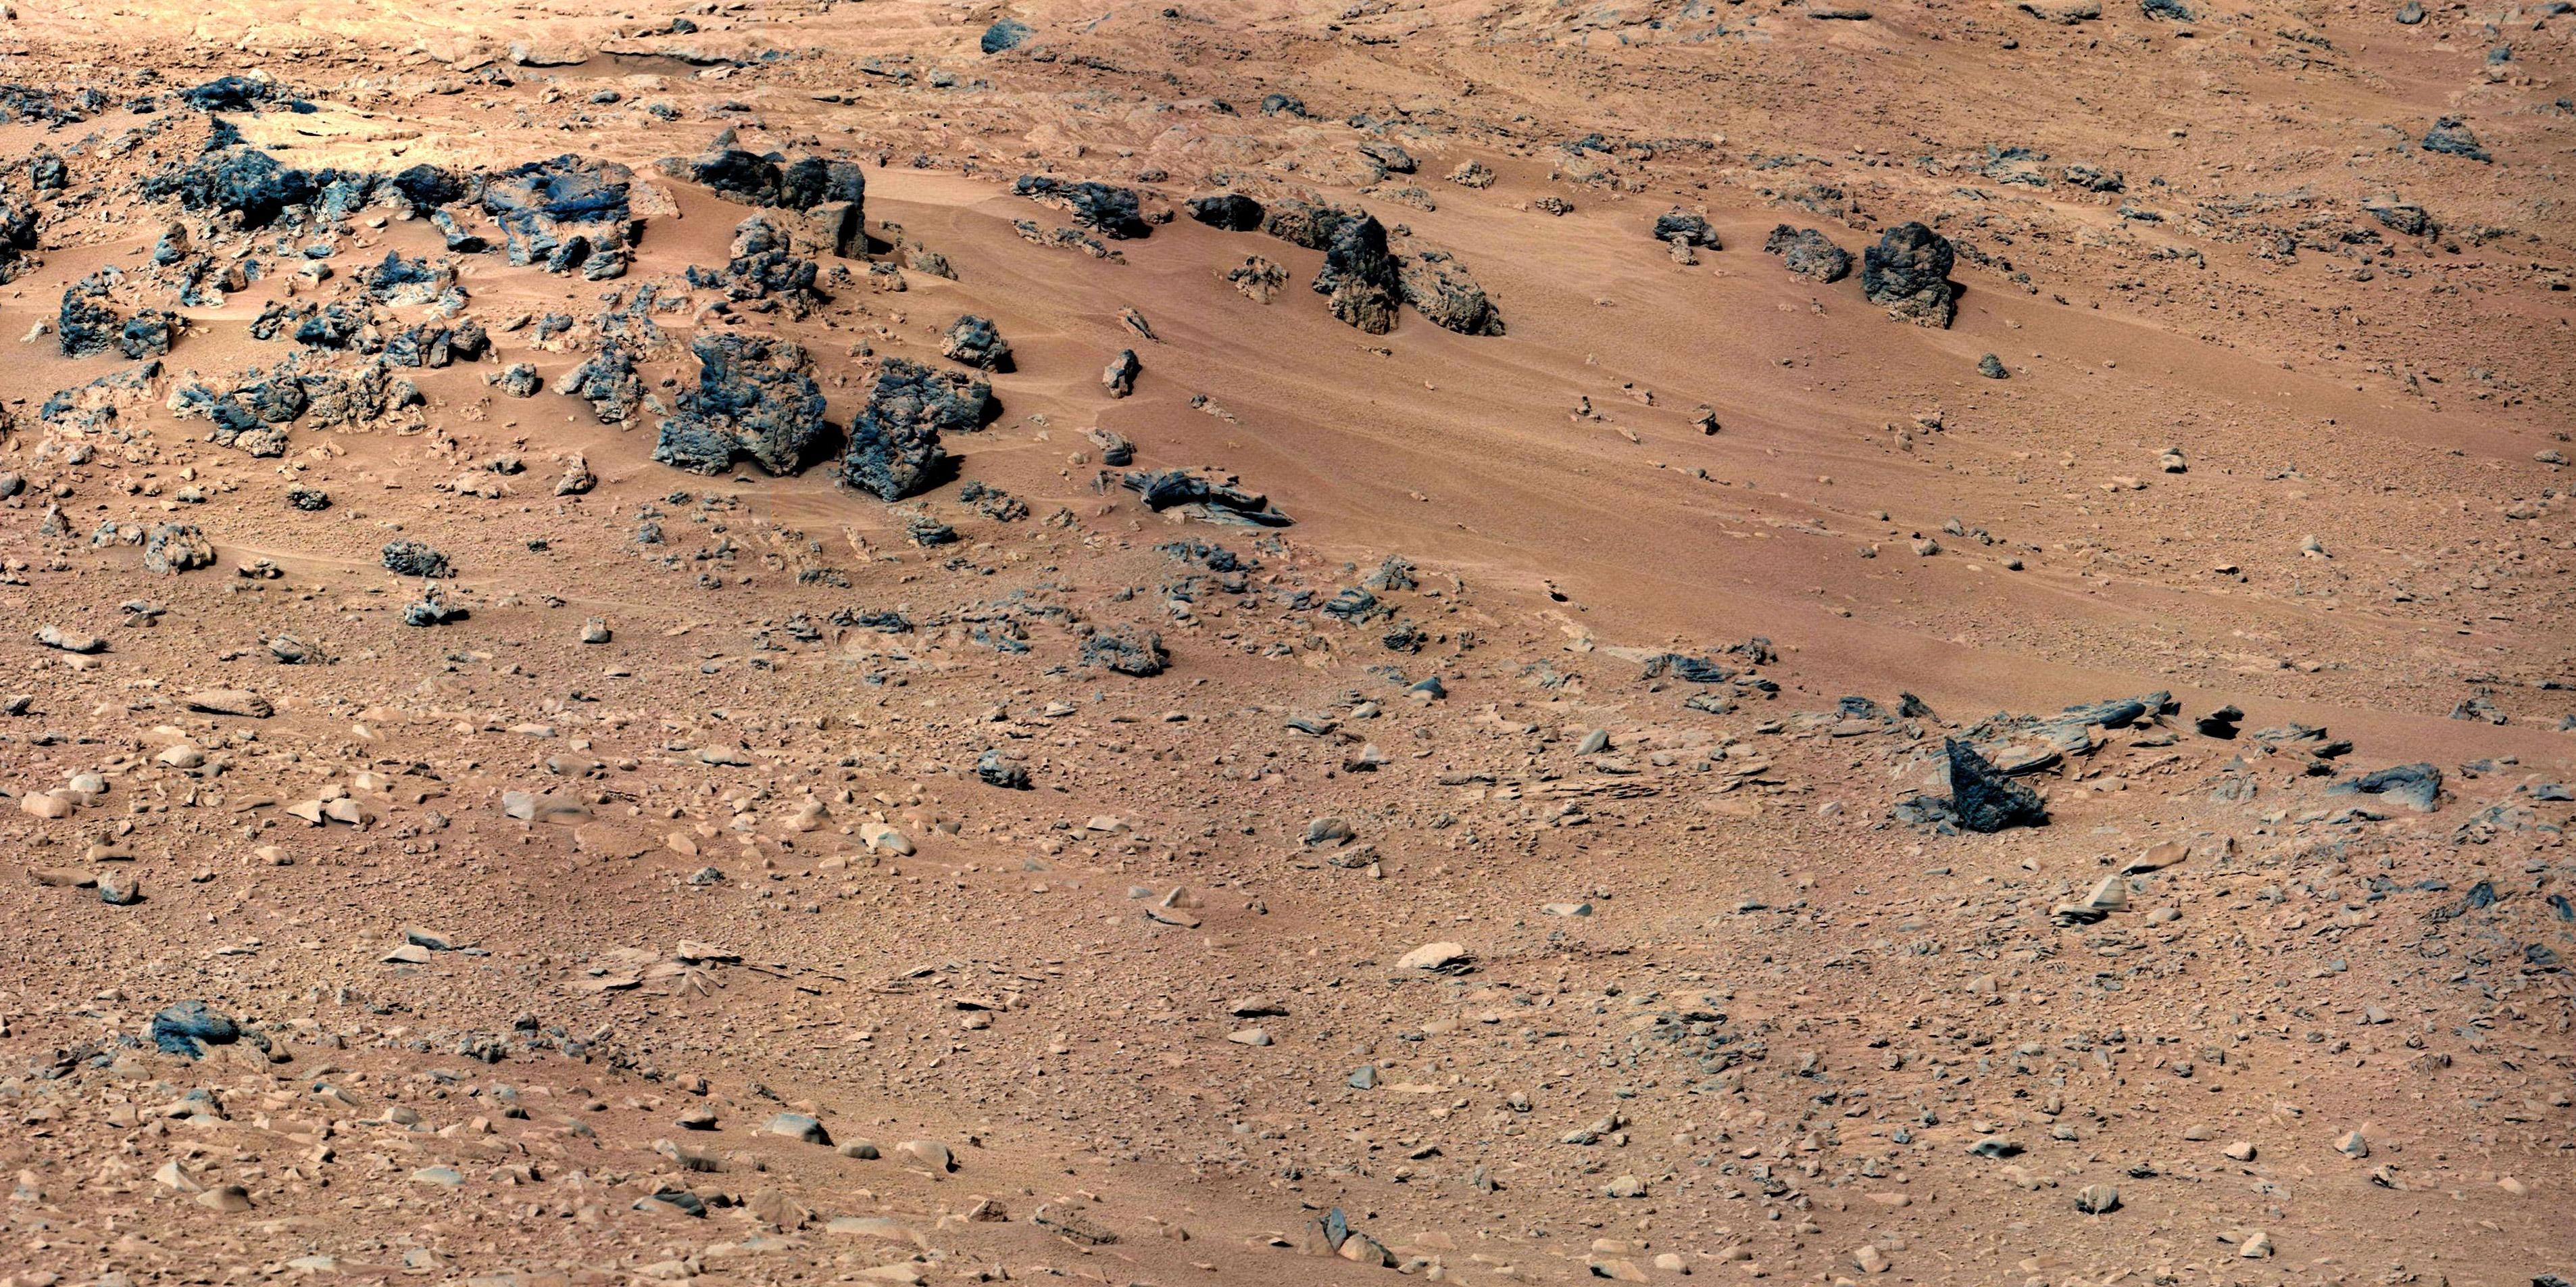 Background: Rocknest Sol 52